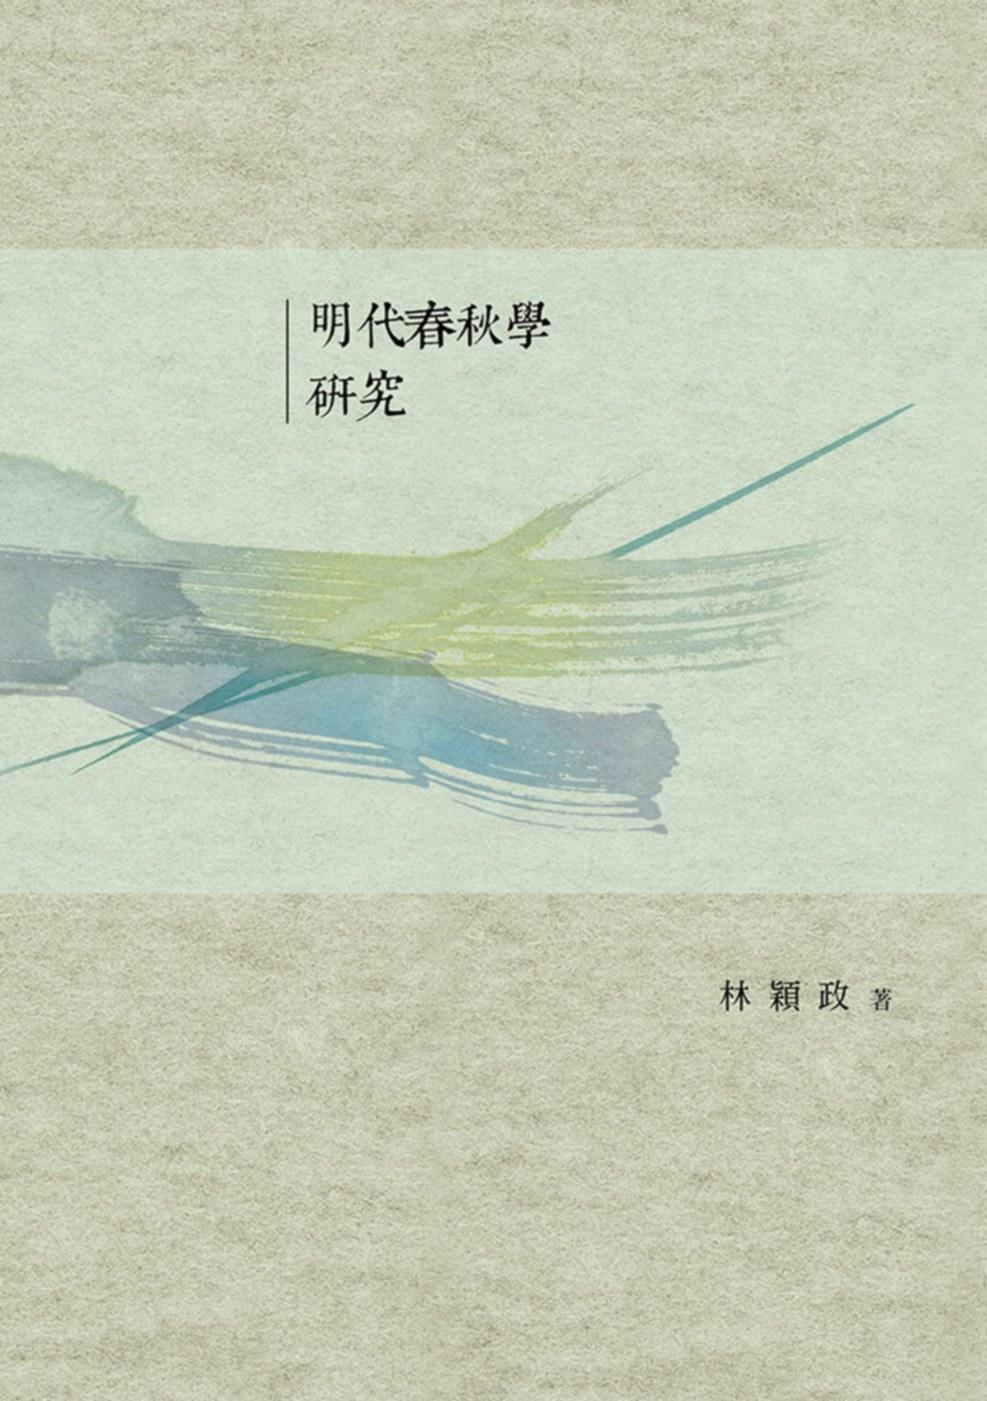 明代春秋學研究